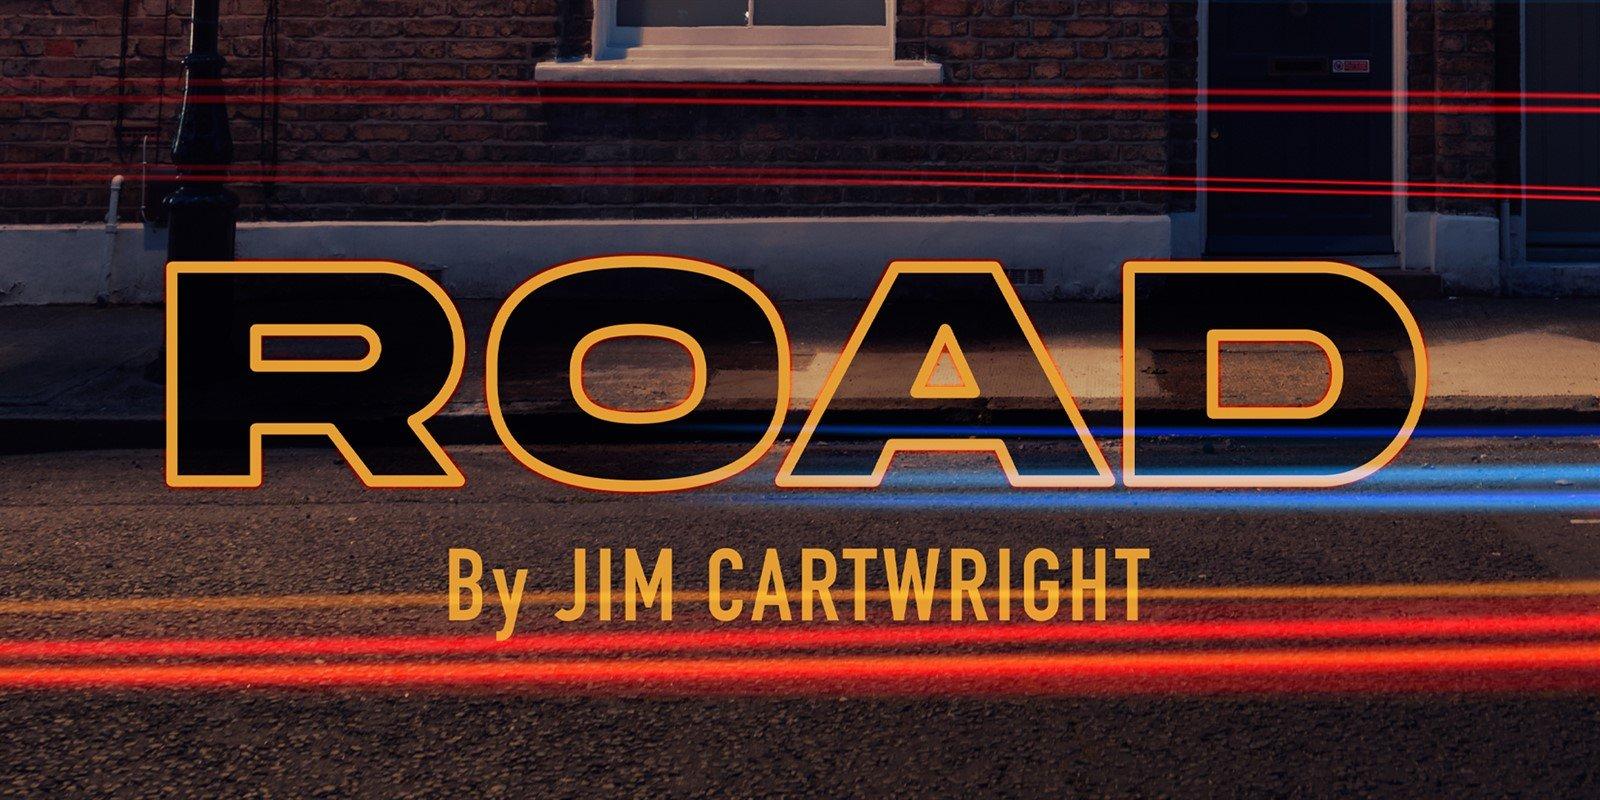 Road Jim Cartwright